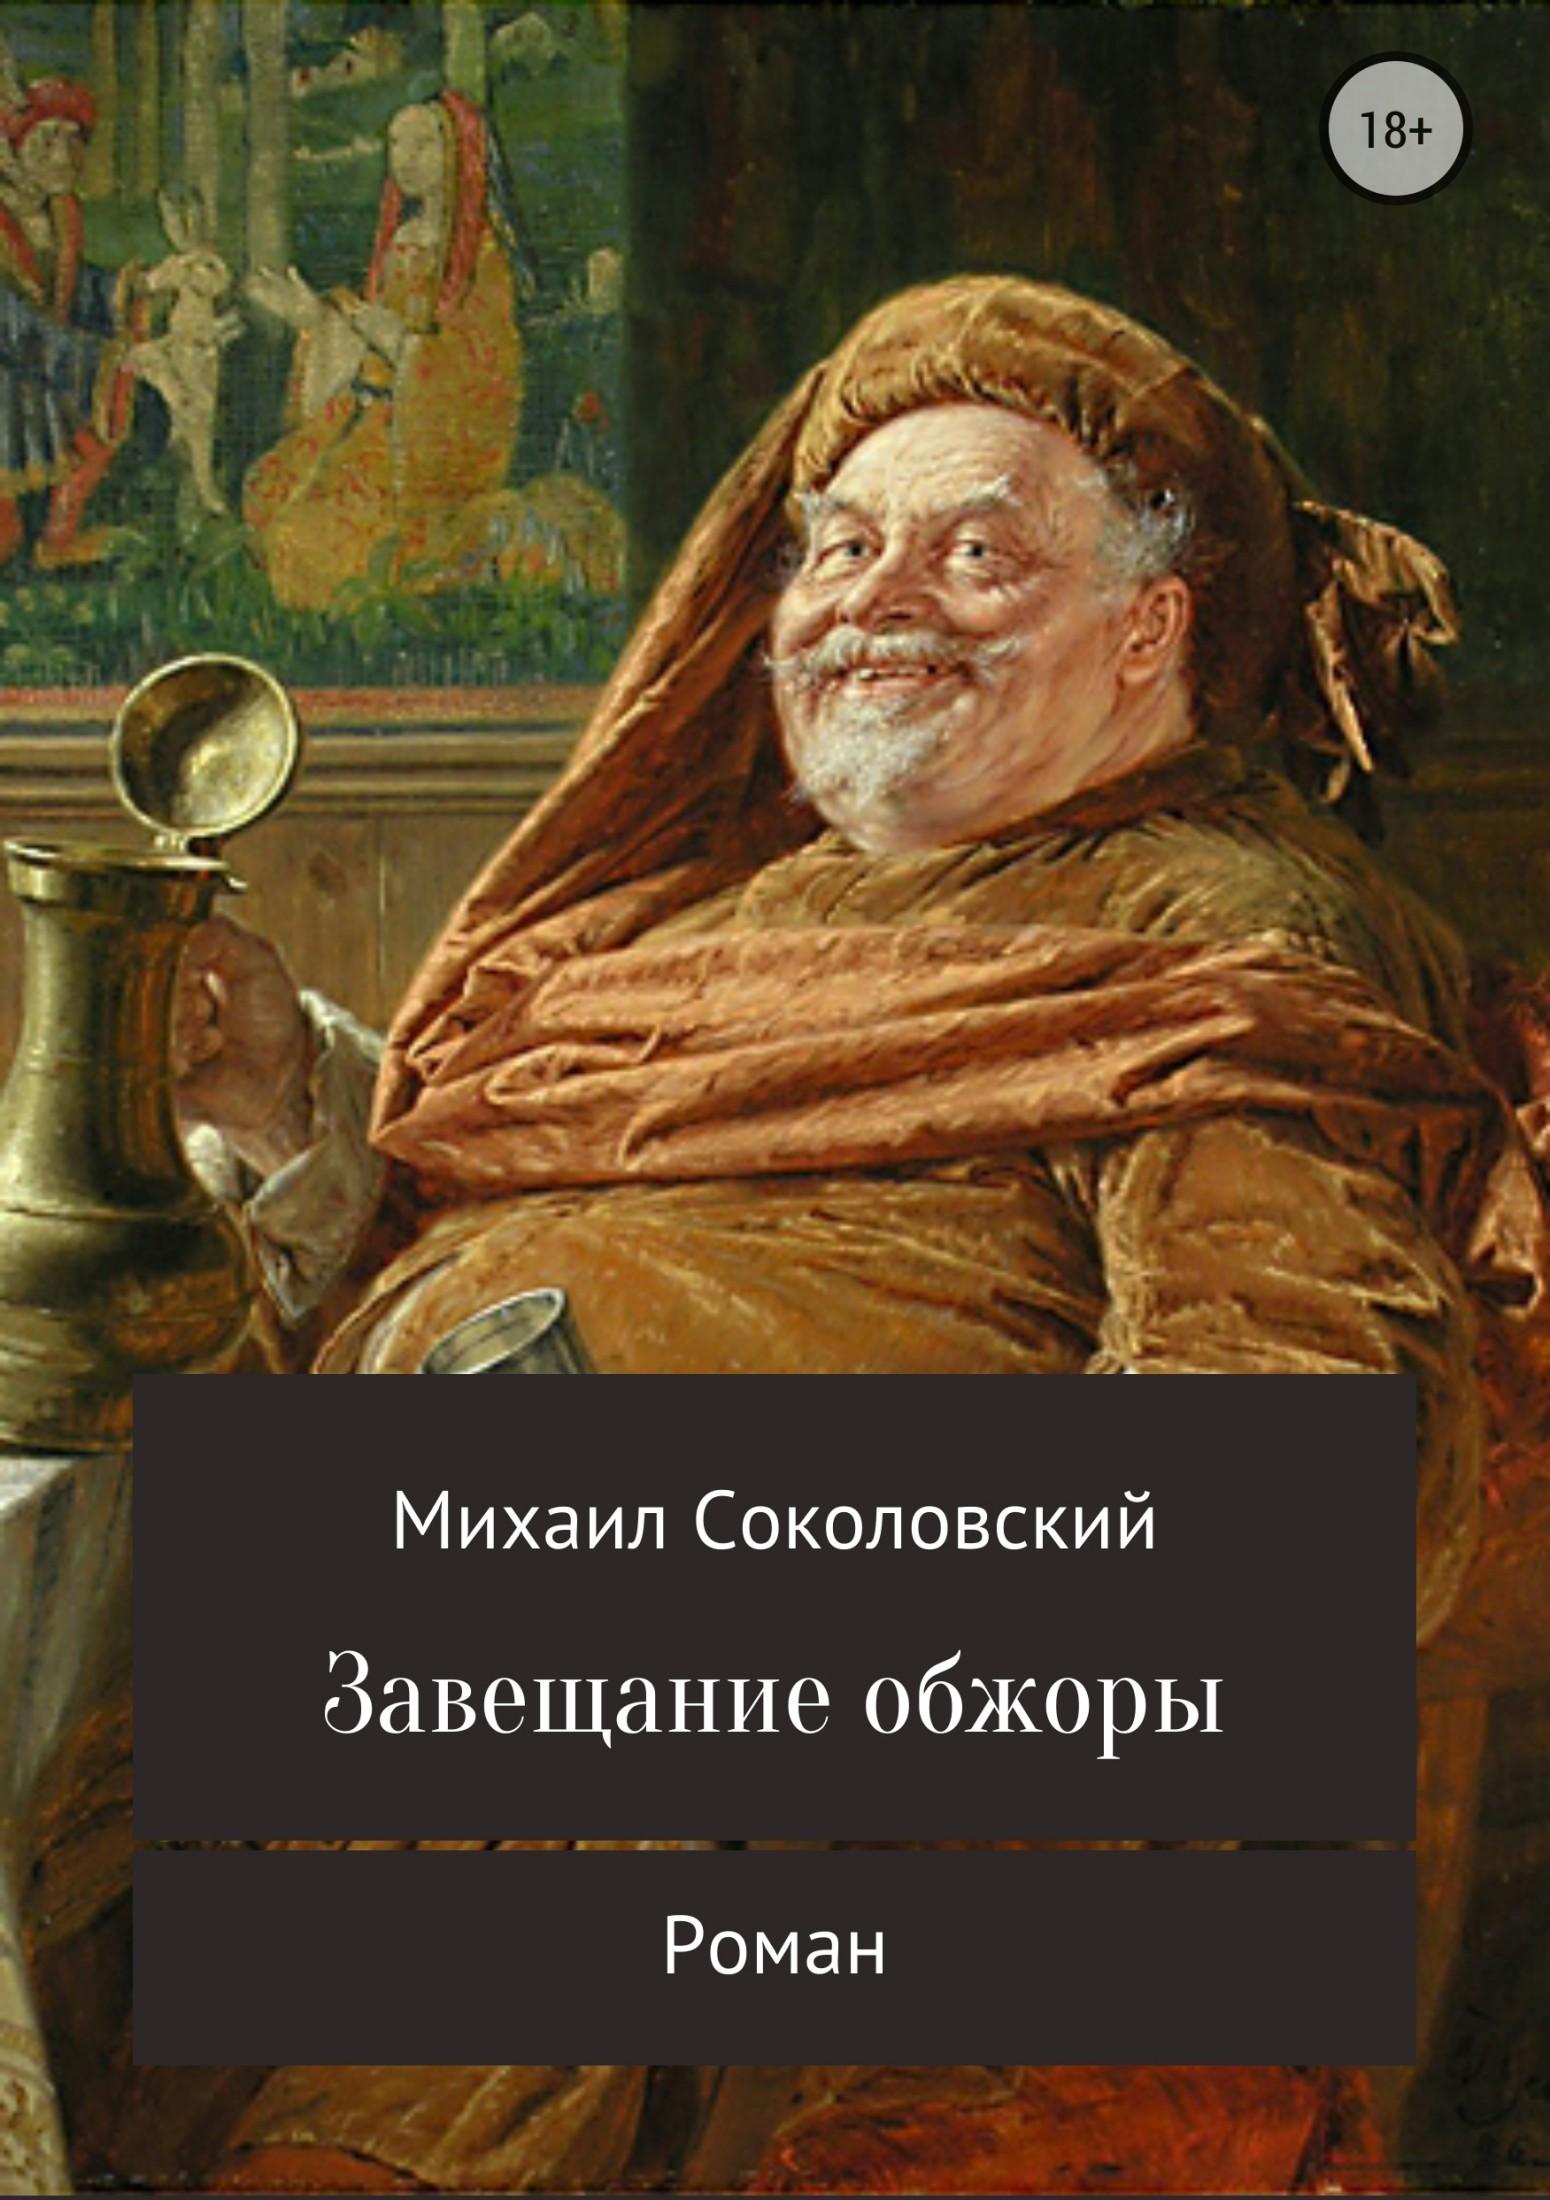 Михаил Александрович Соколовский. Завещание обжоры